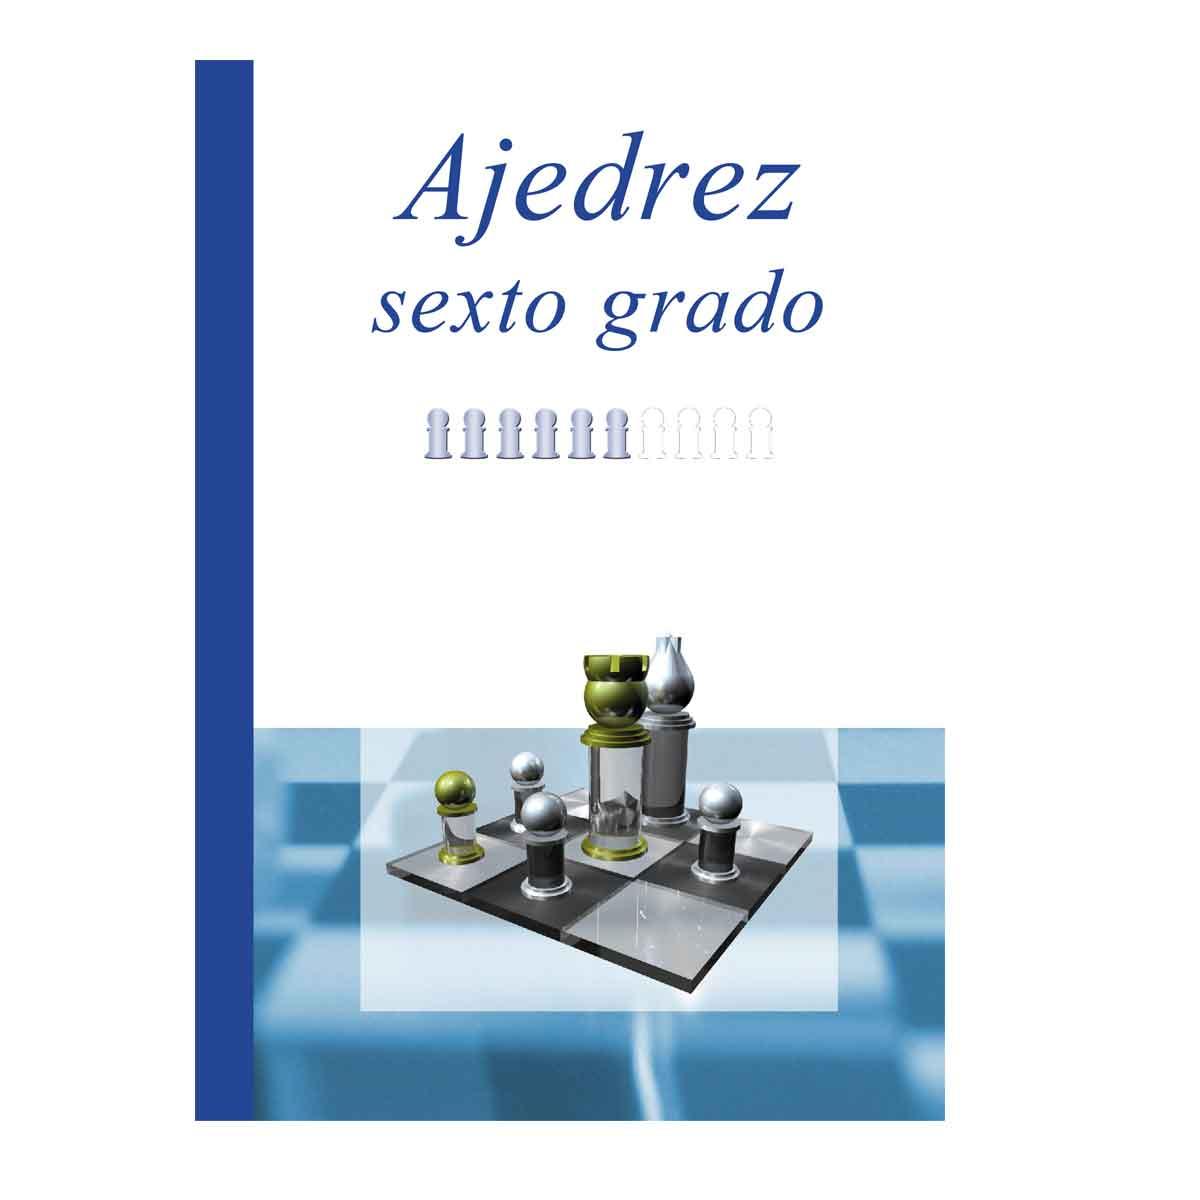 Ajedrez Sexto Grado (Proyecto Educativo: Ajedrez en la Escuela nº 6) Versión Kindle